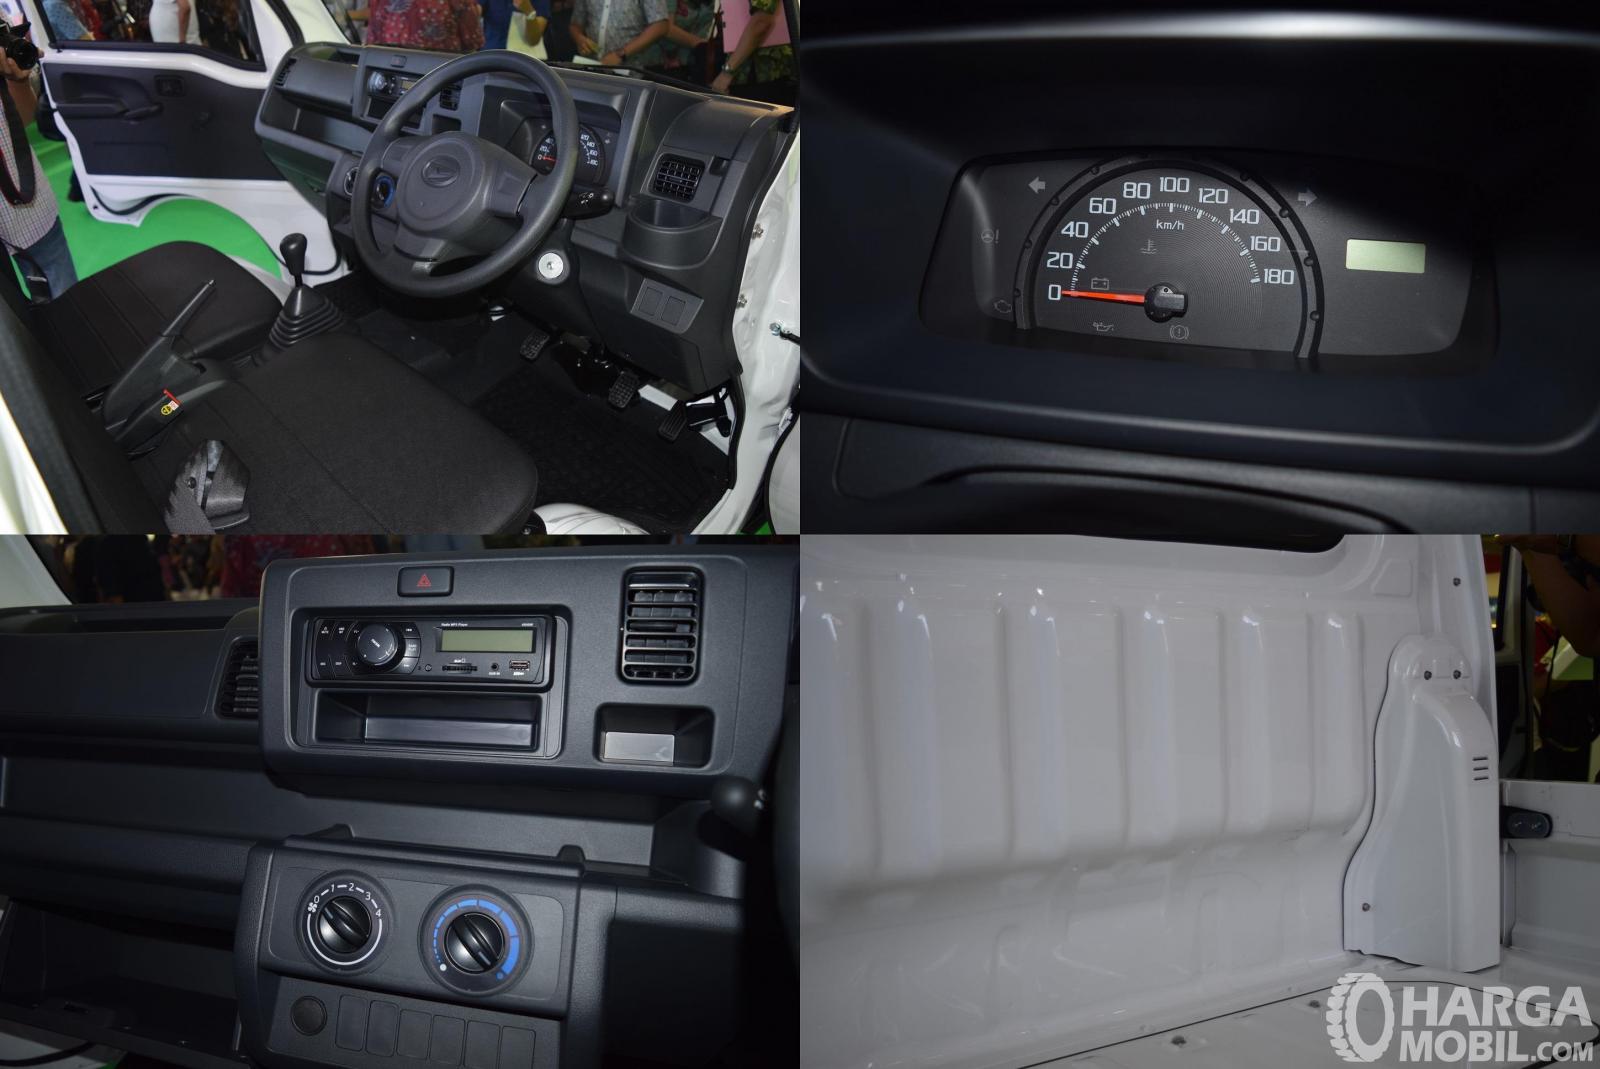 Foto Fitur Daihatsu Hi-Max yang dijual di Indonesia